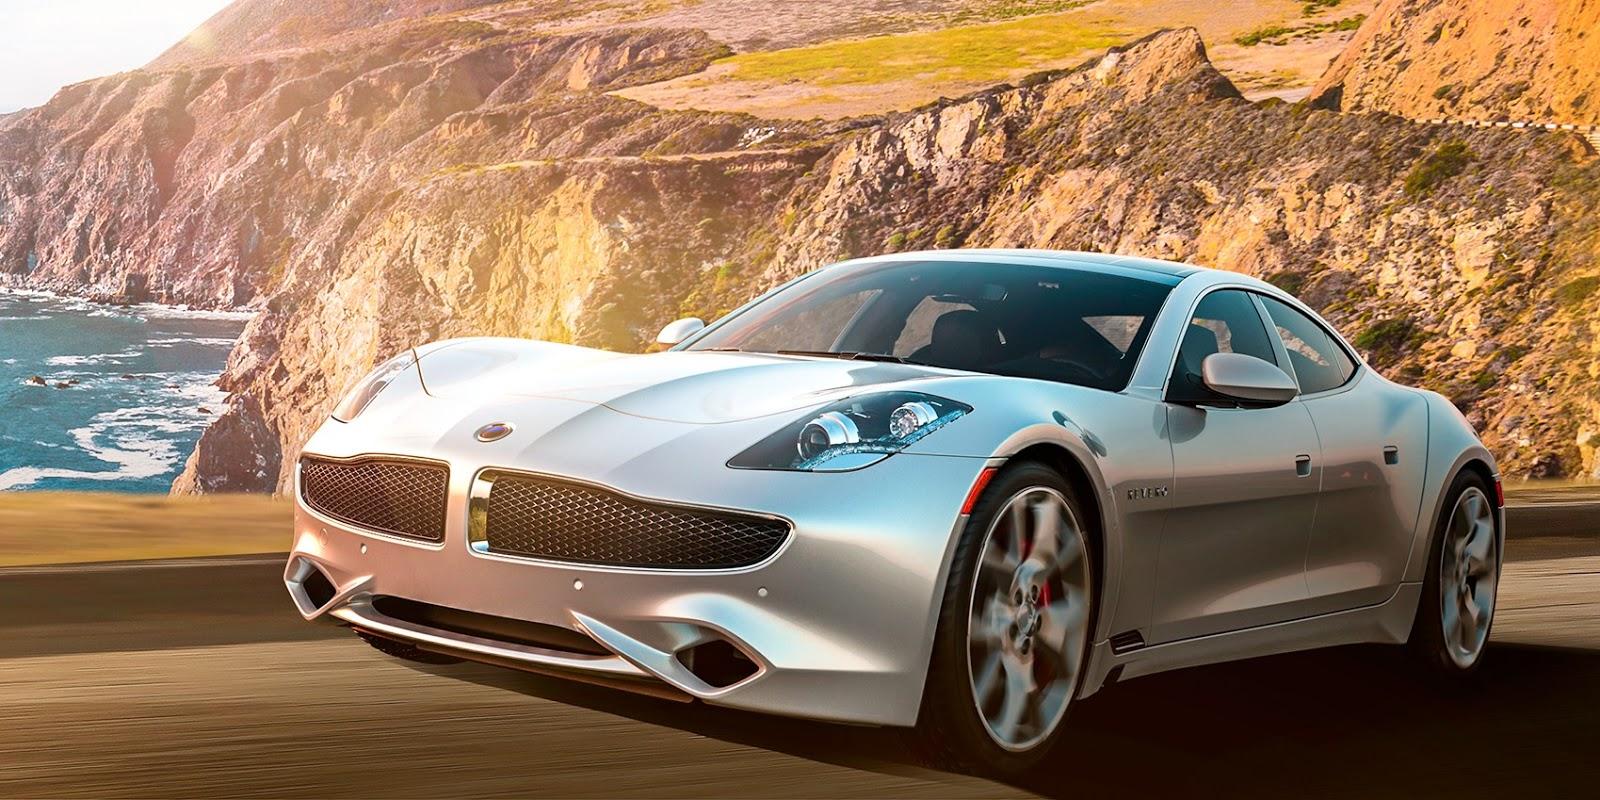 Il futuro della mobilità, riflessioni sull'auto elettrica